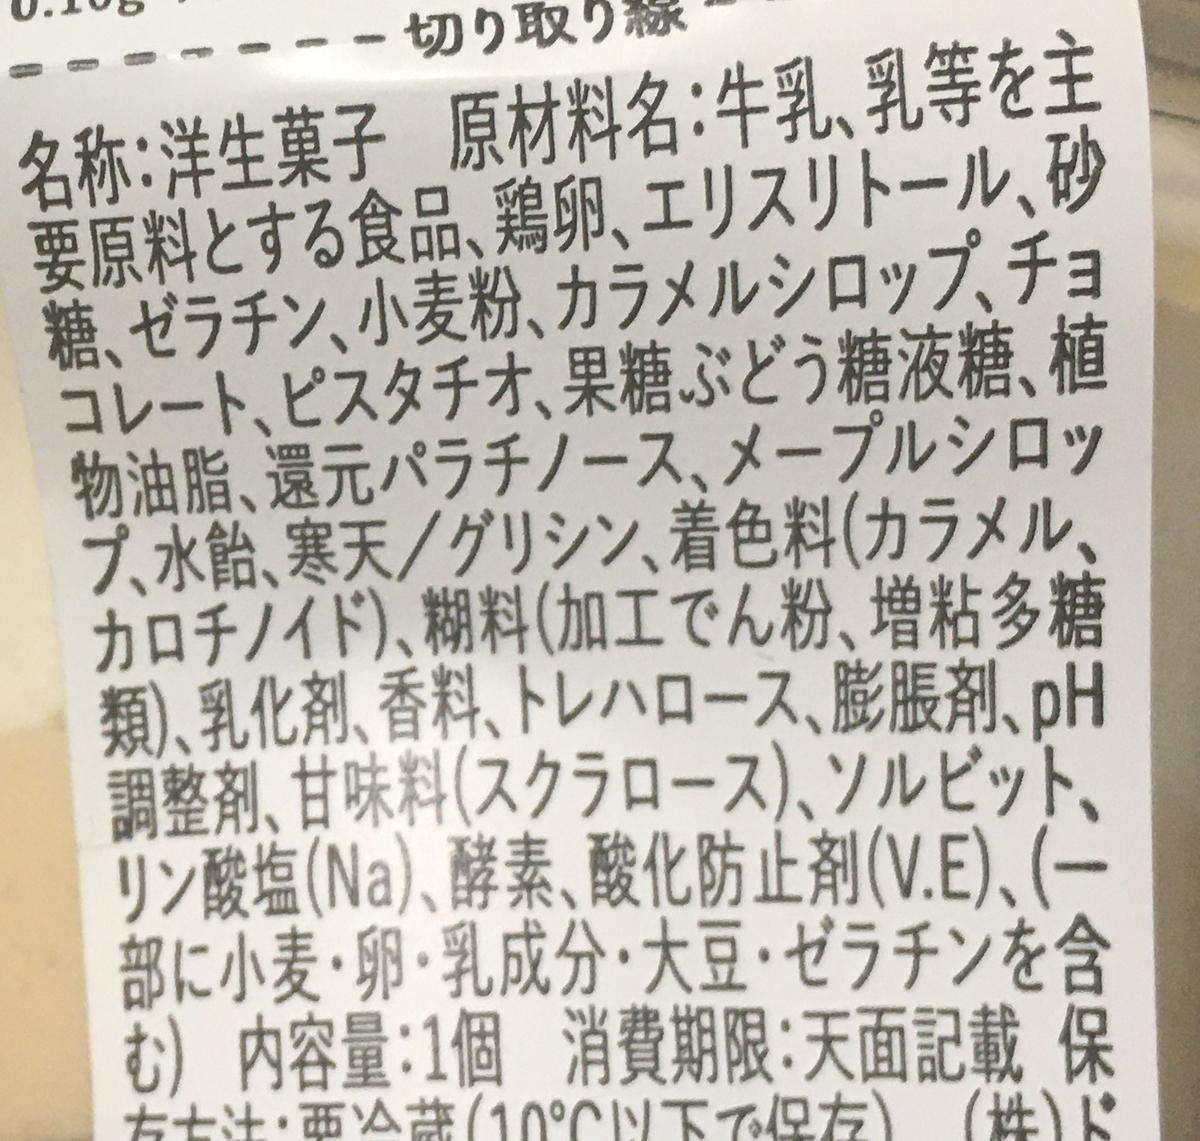 f:id:YOSHIO1010:20200625013235j:plain